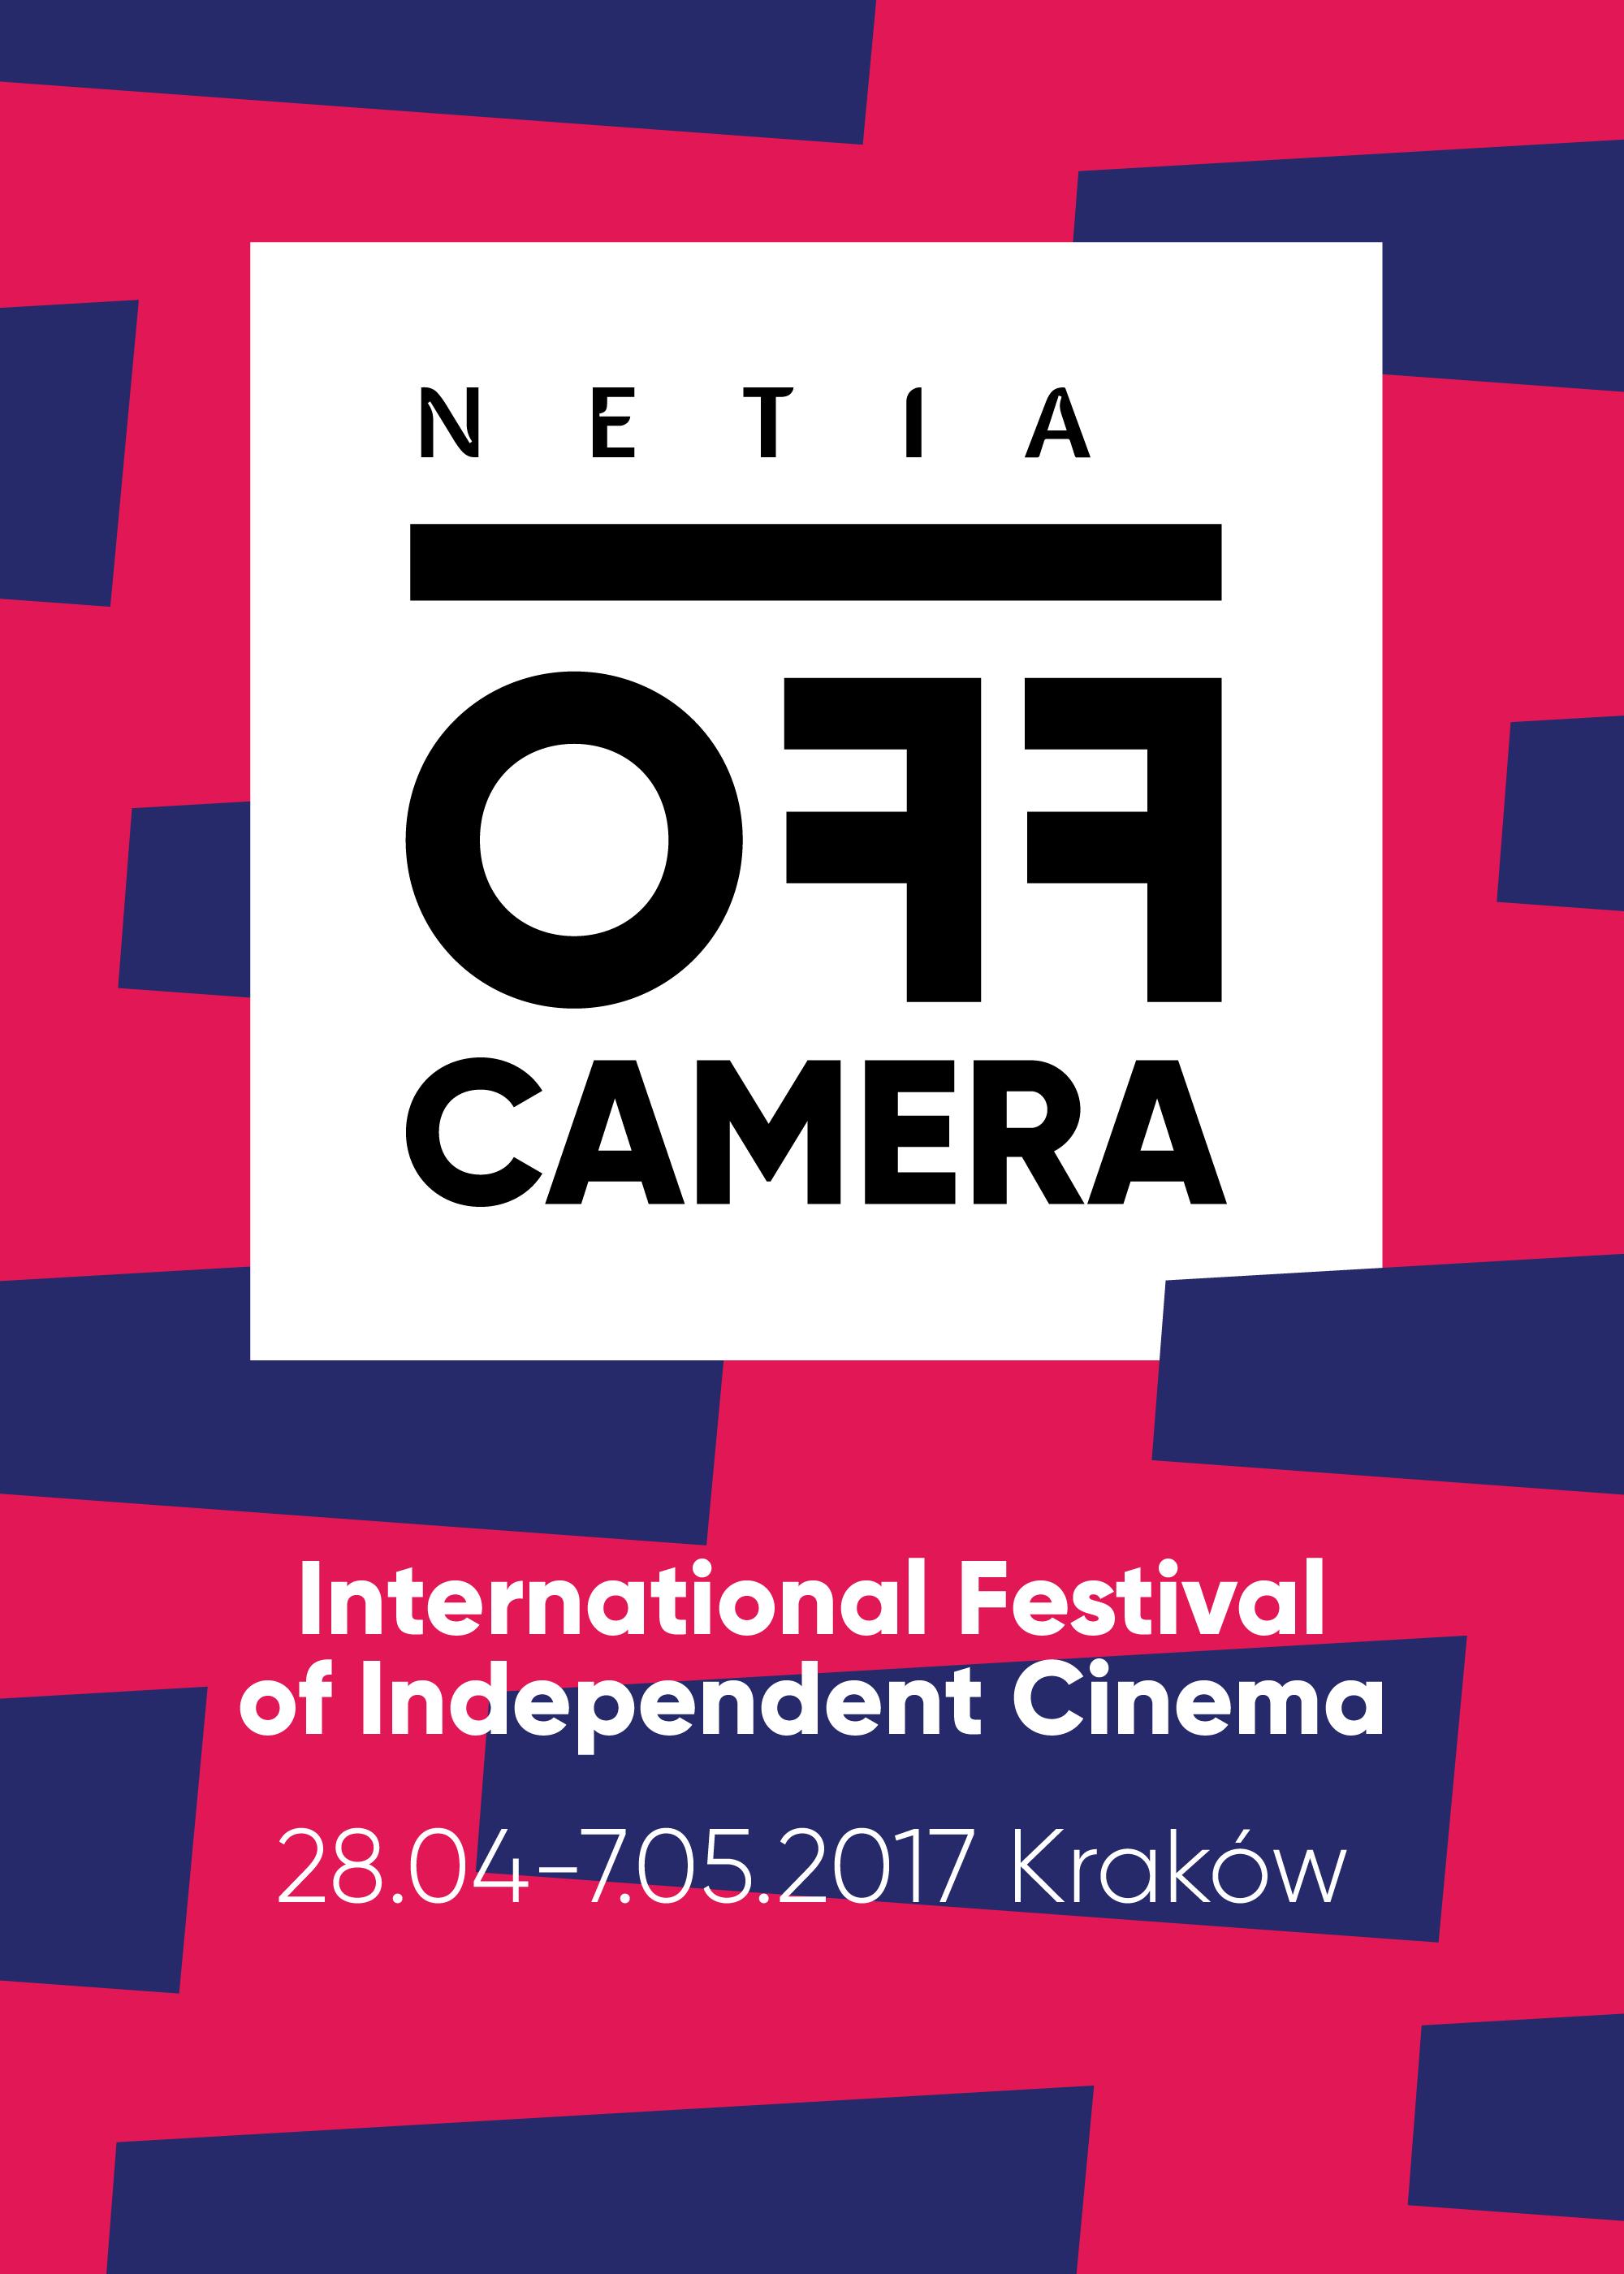 Netia Off Camera 2017 - das sind die Preisträger